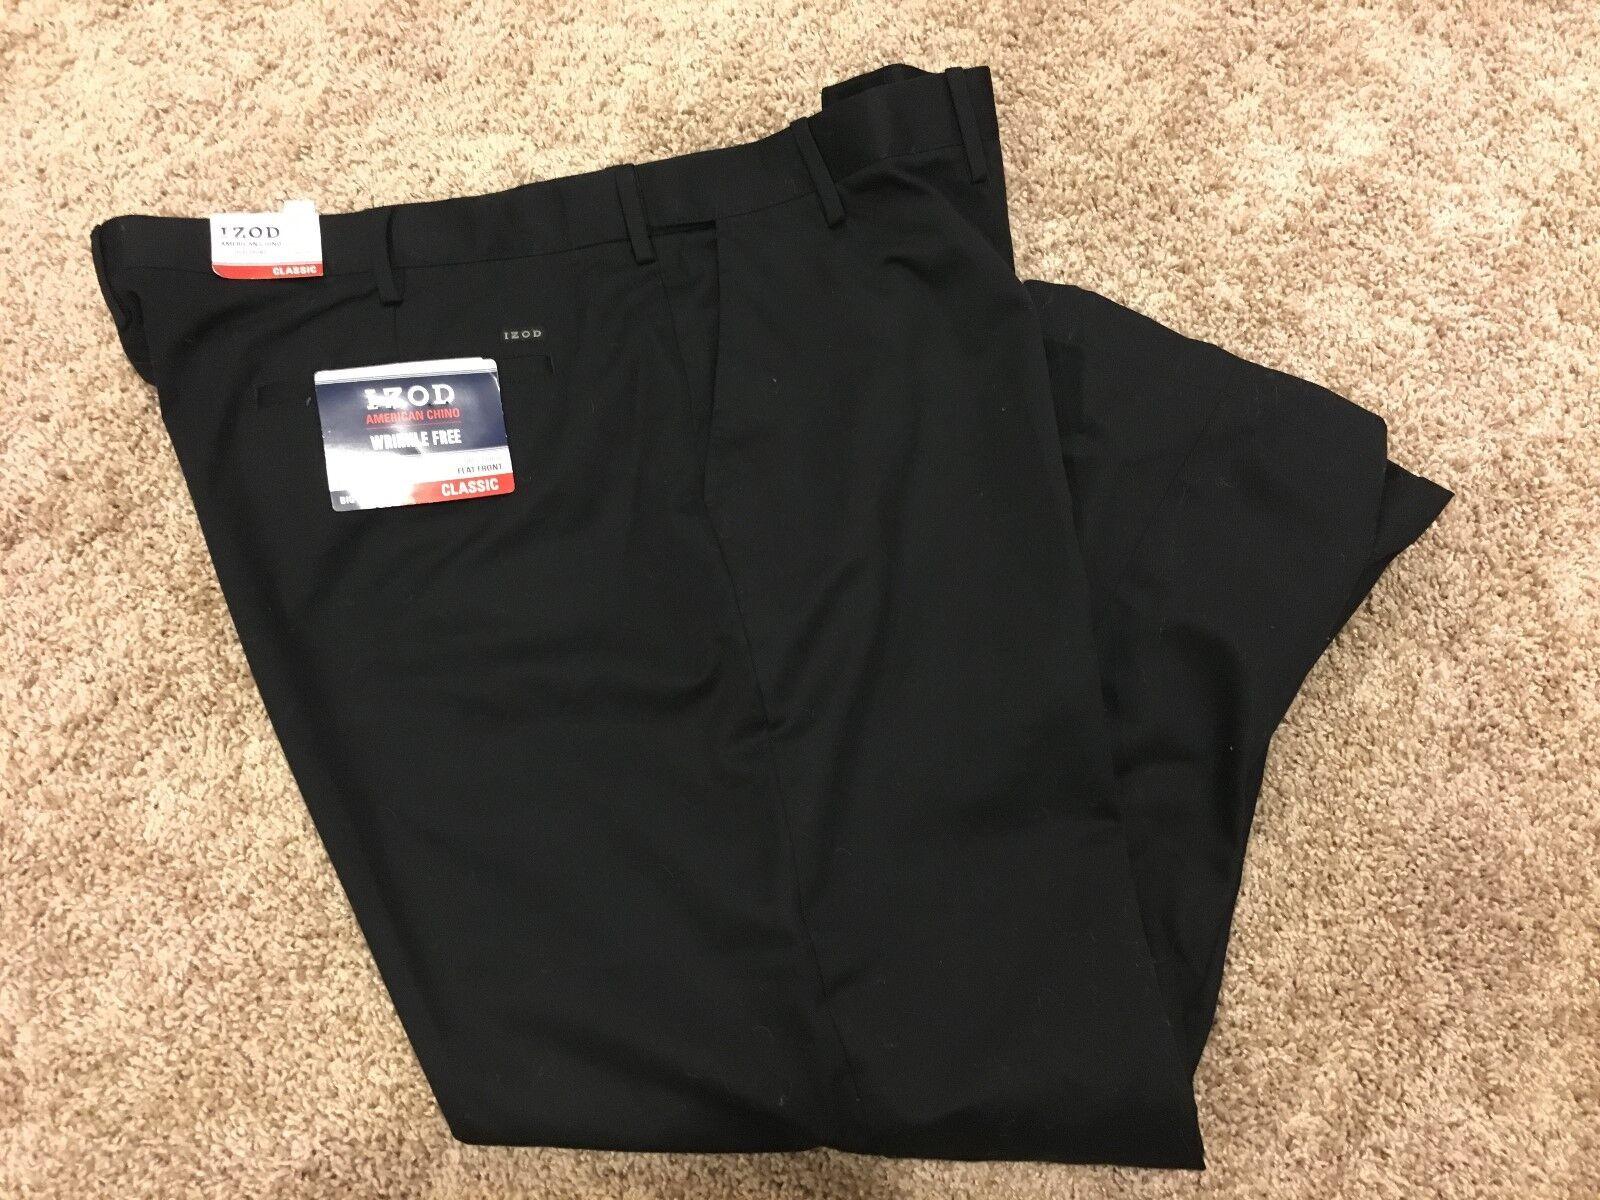 NWT IZOD American Chino Classic-Fit Khaki Double Pleat BIG/&Tall 36X36 MSRP $75